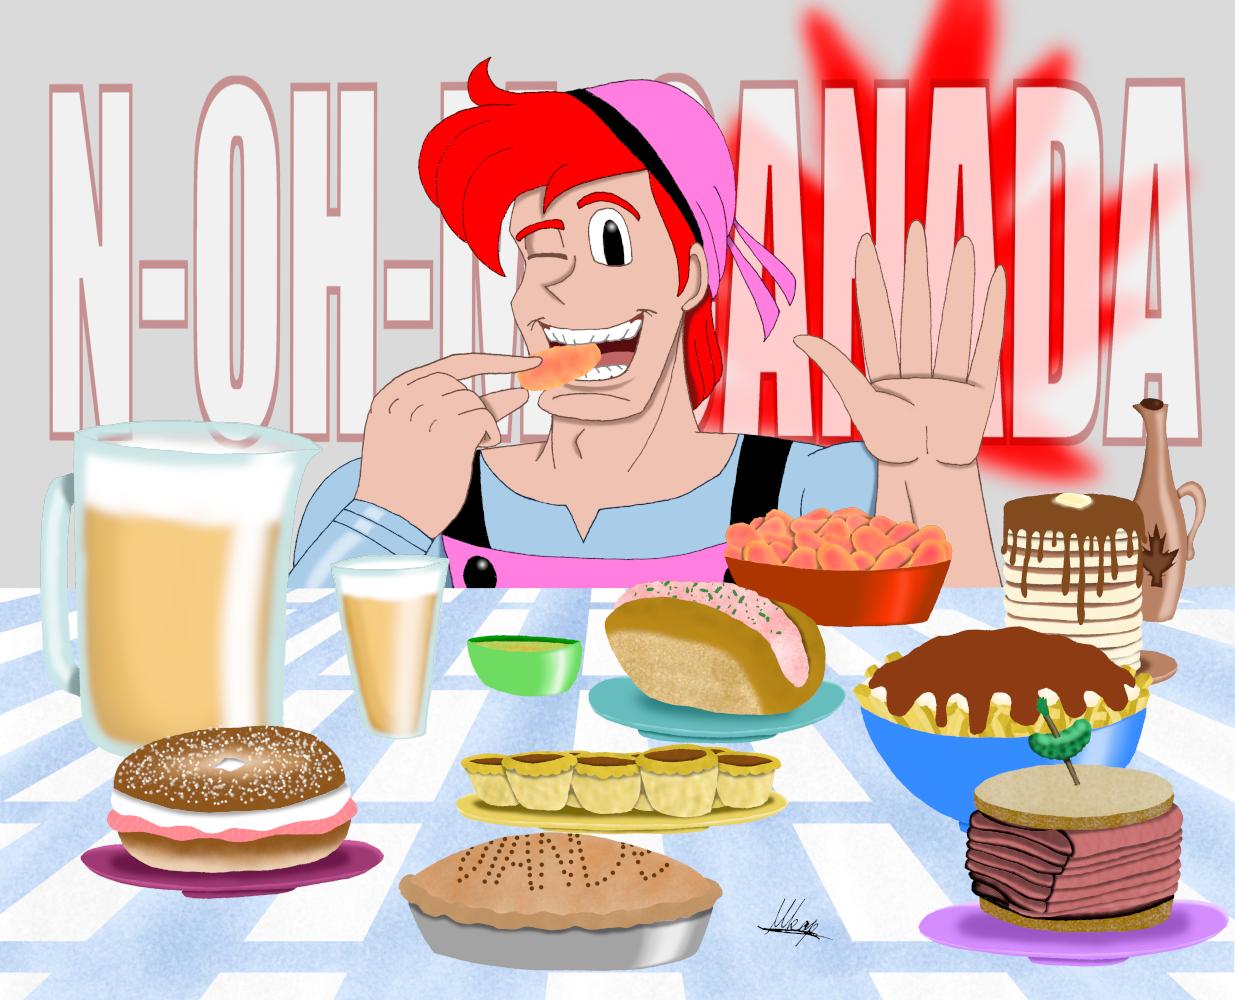 N-Oh-M, Canada (Canada Day 2021)